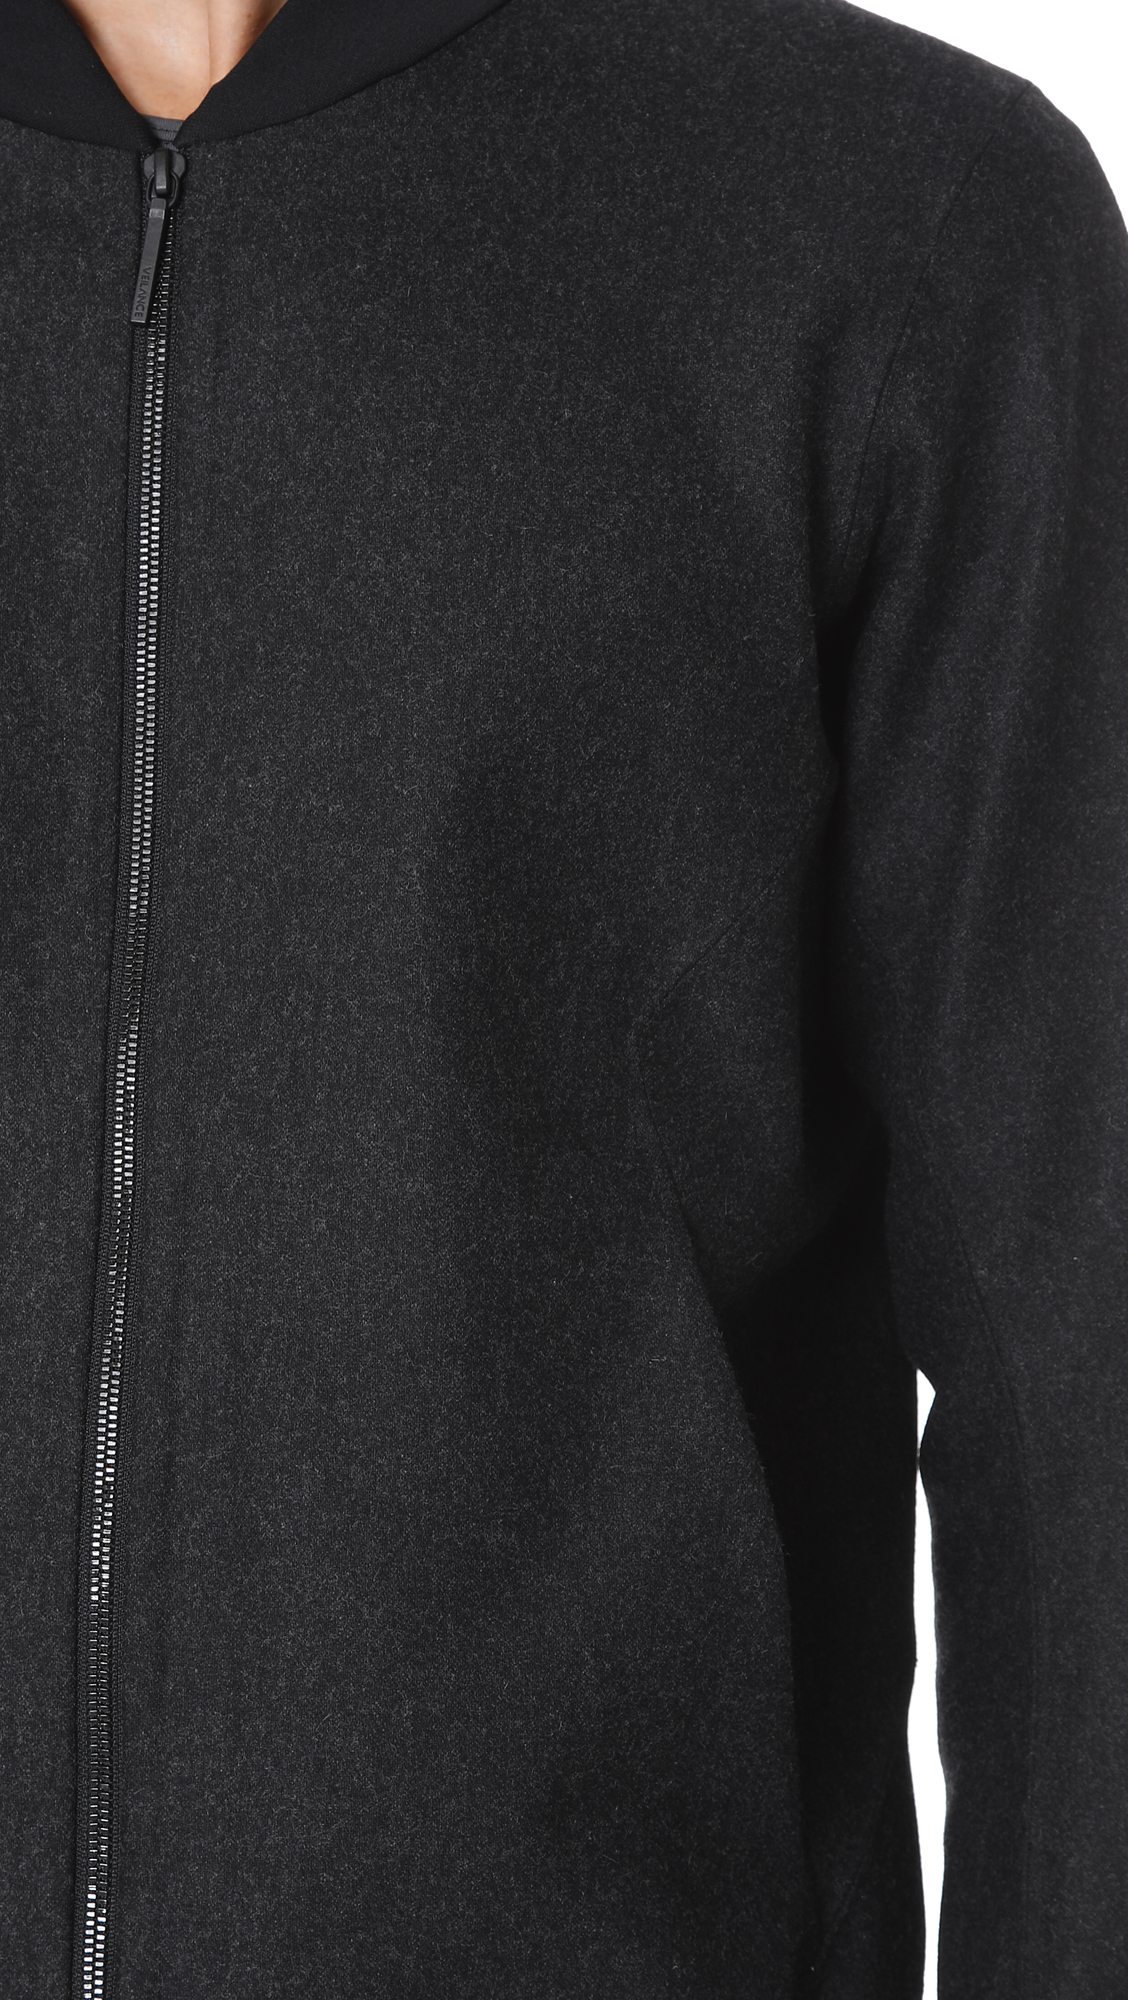 Arcteryx Veilance Haedn Jacket East Dane Black Blazer Jaket Korea Style Sk 15